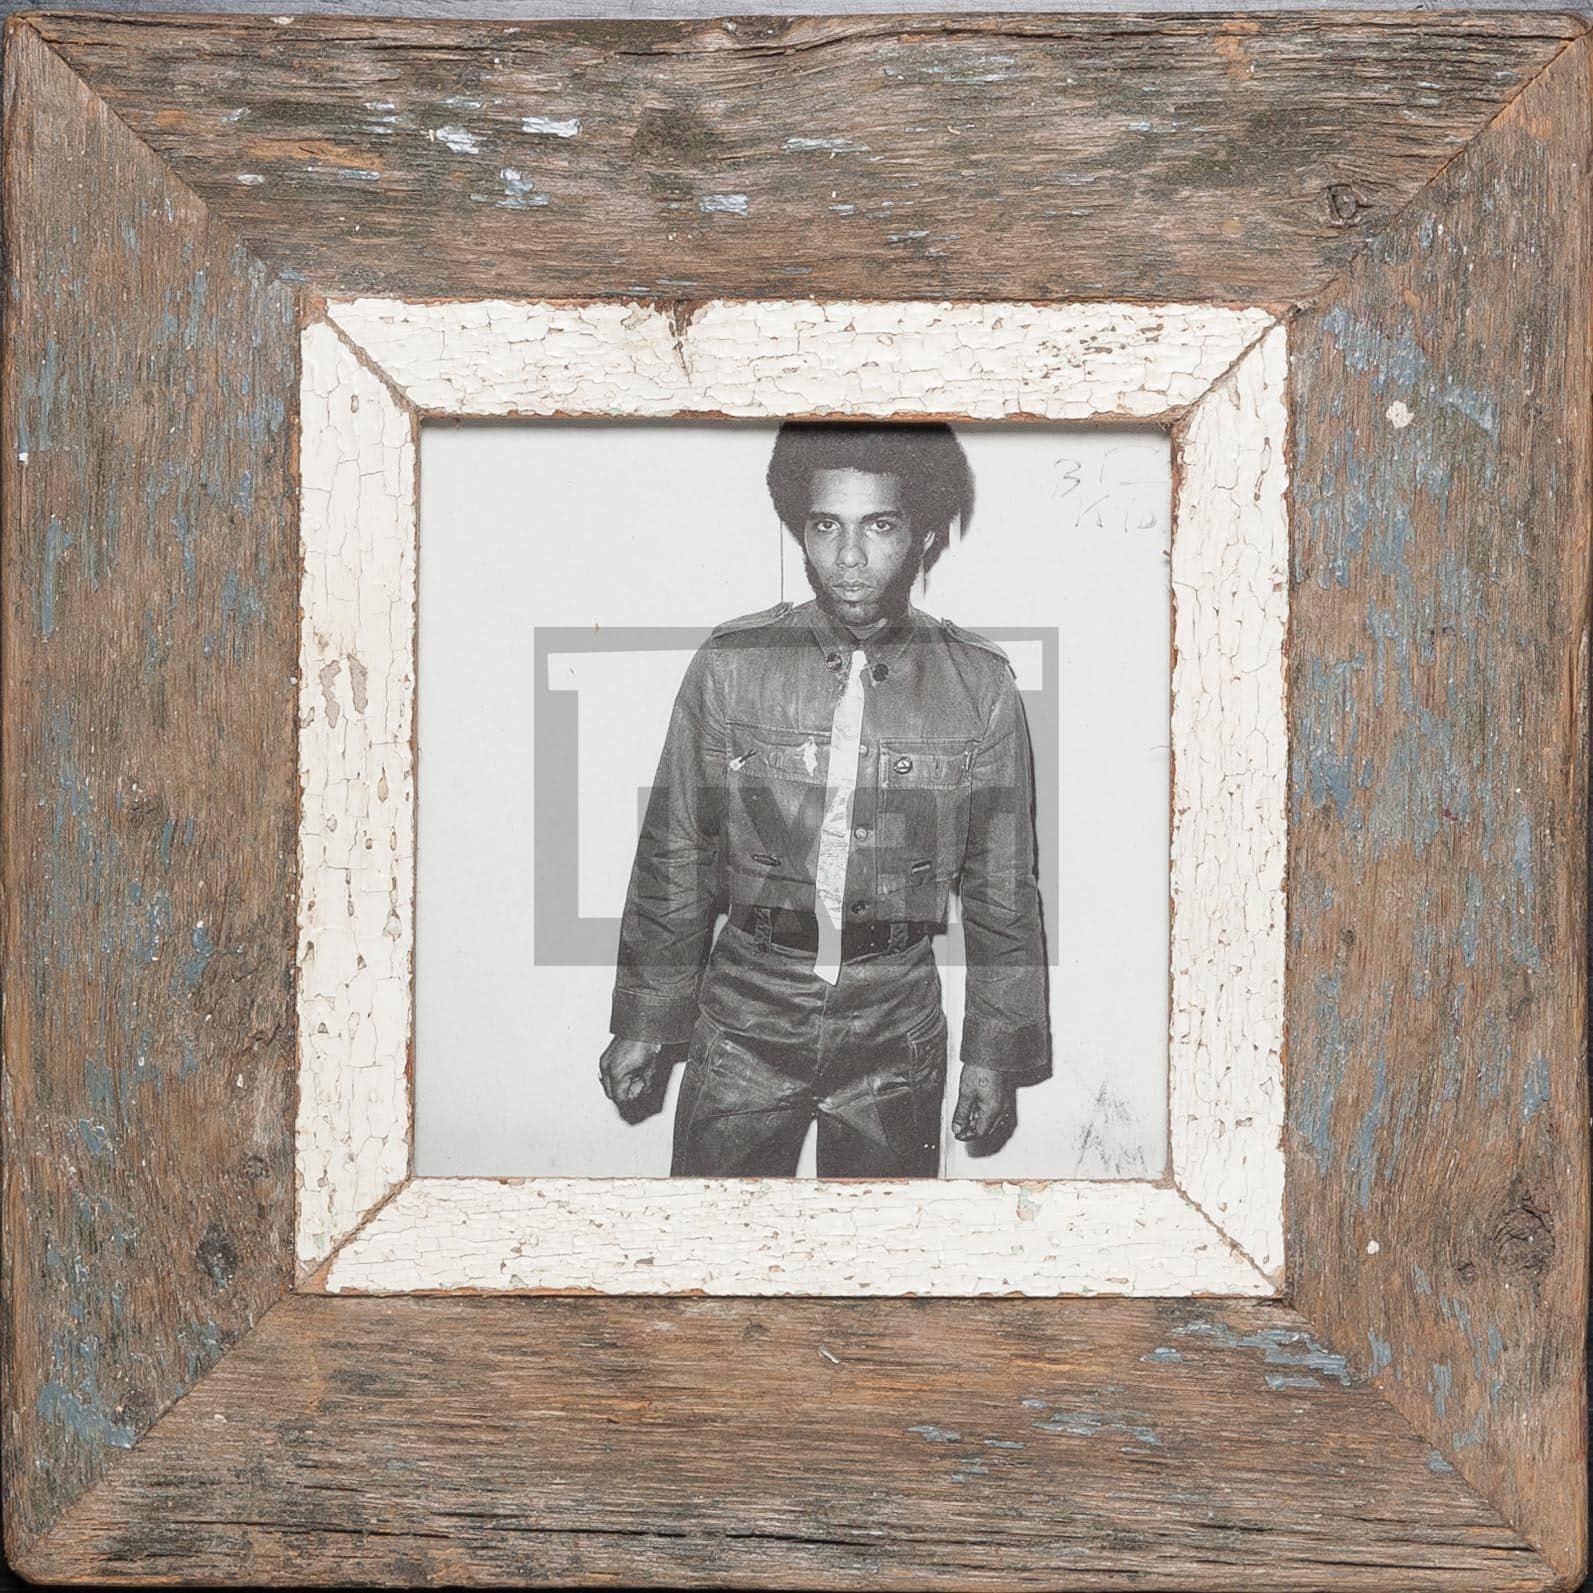 Quadratischer Wechselrahmen aus Altholz für ca. 14,8 x 14,8 cm große Fotos